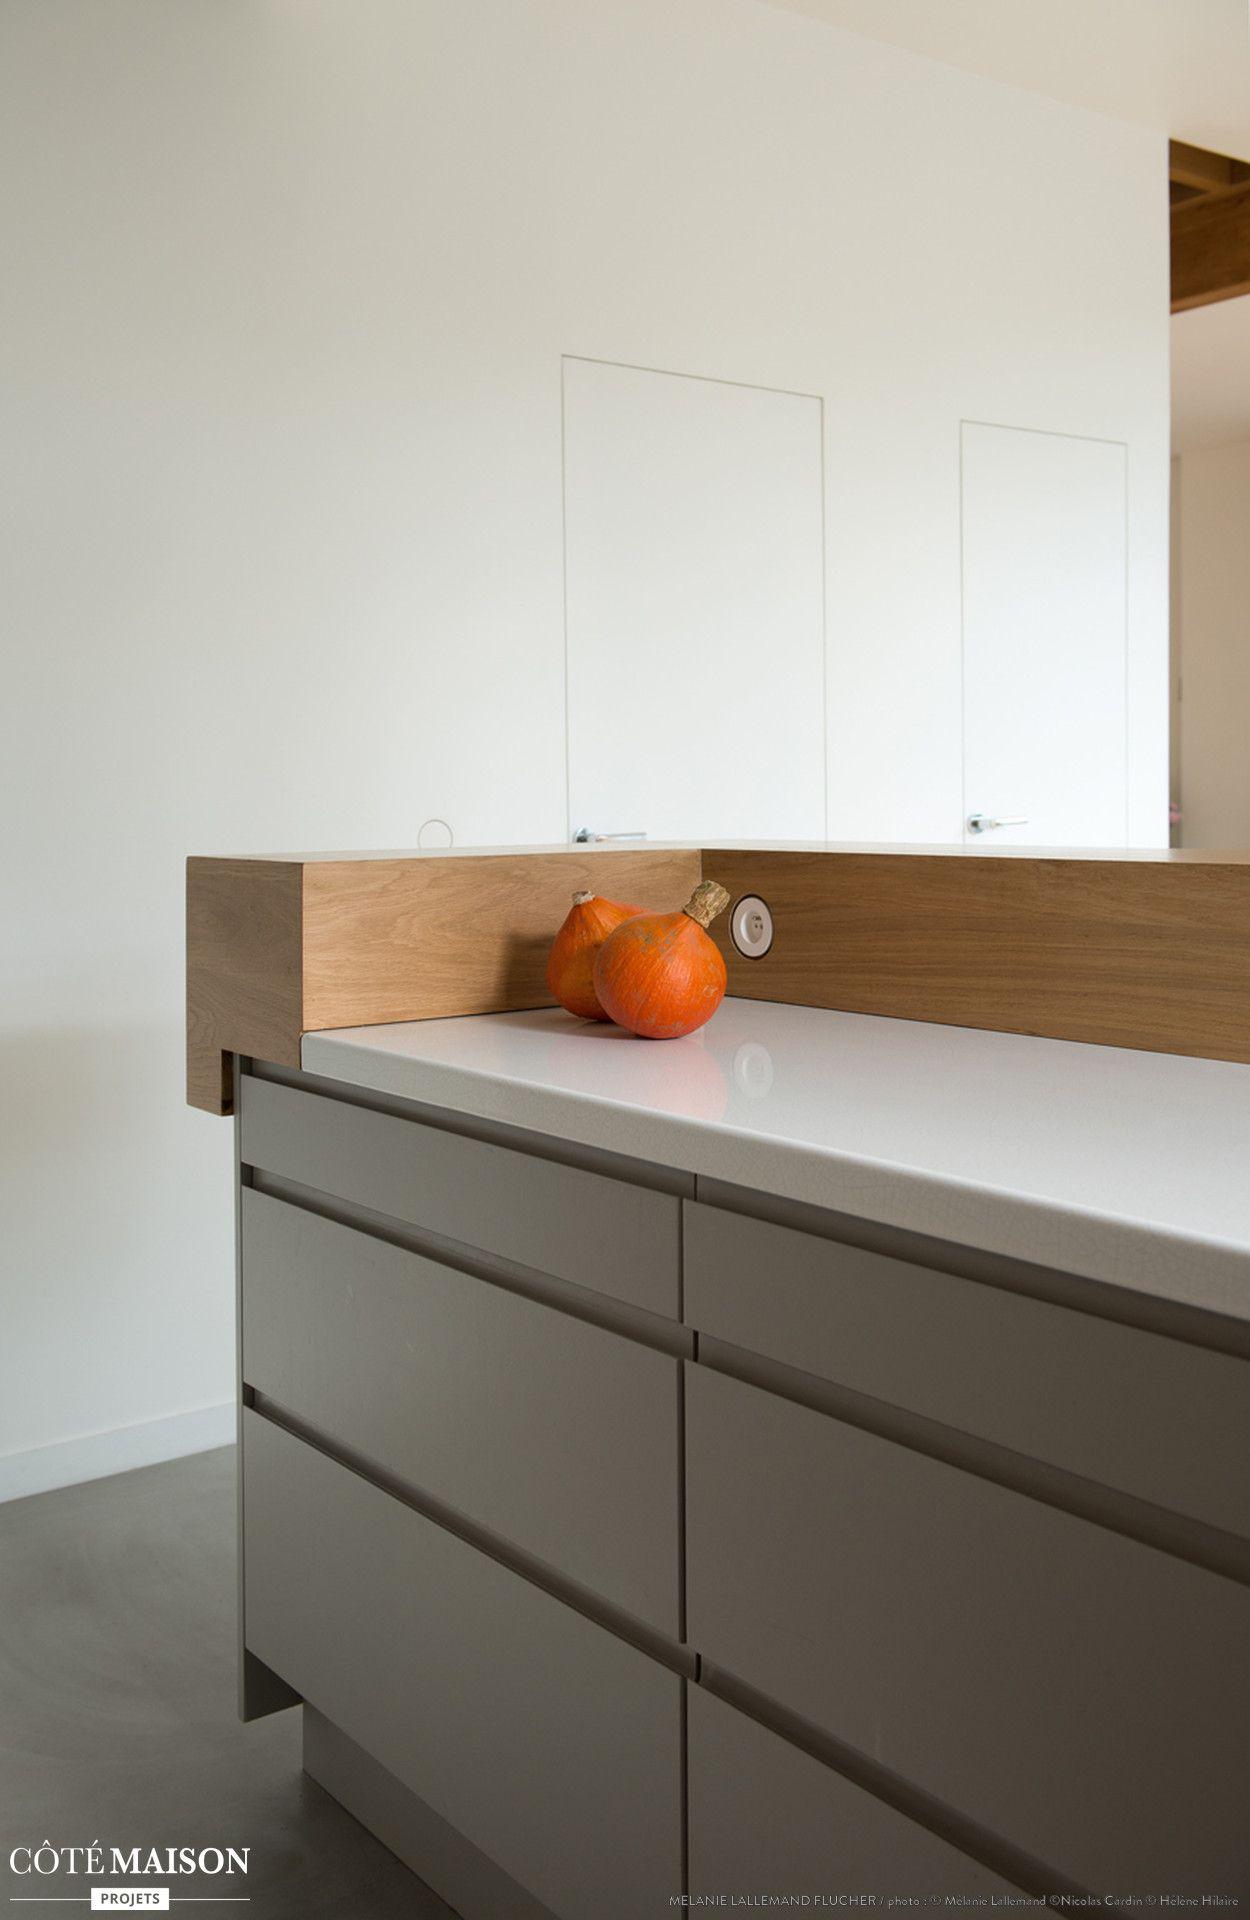 Magnifique meuble bas de cuisine en gris, plan de travail blanc et